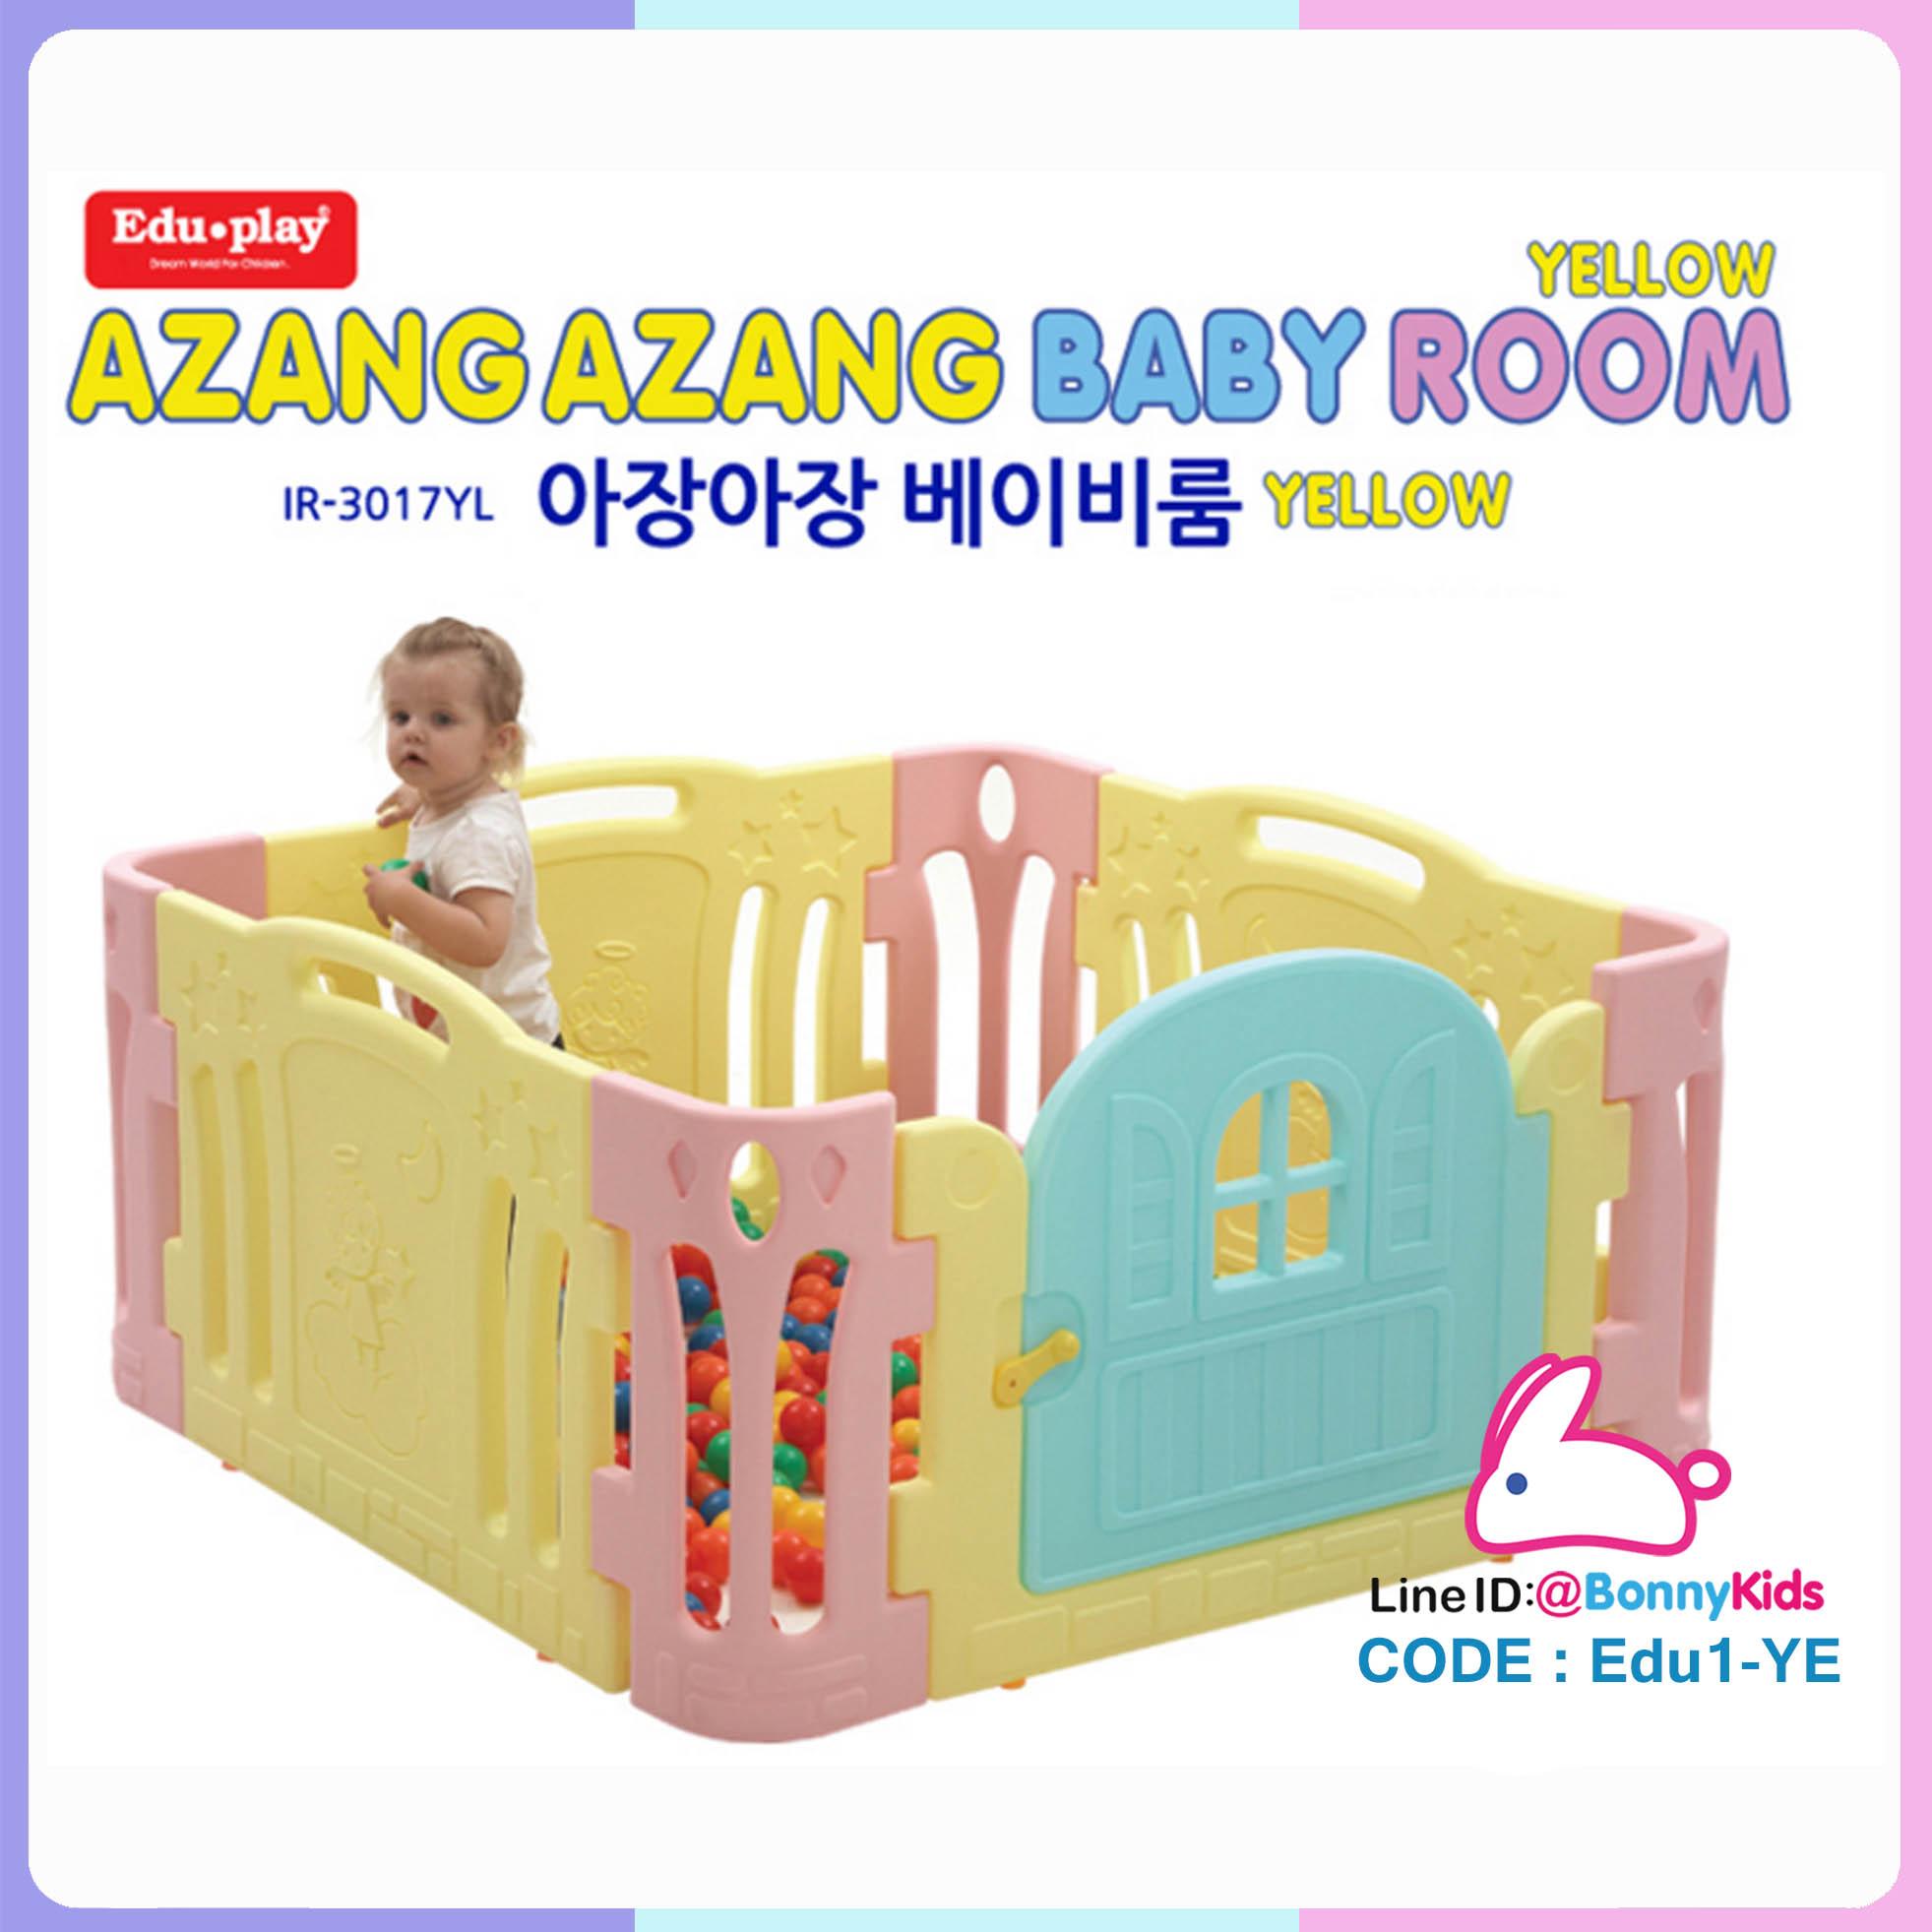 คอกกั้นเด็ก Edu Play รุ่น Azang Azang สีเหลือง